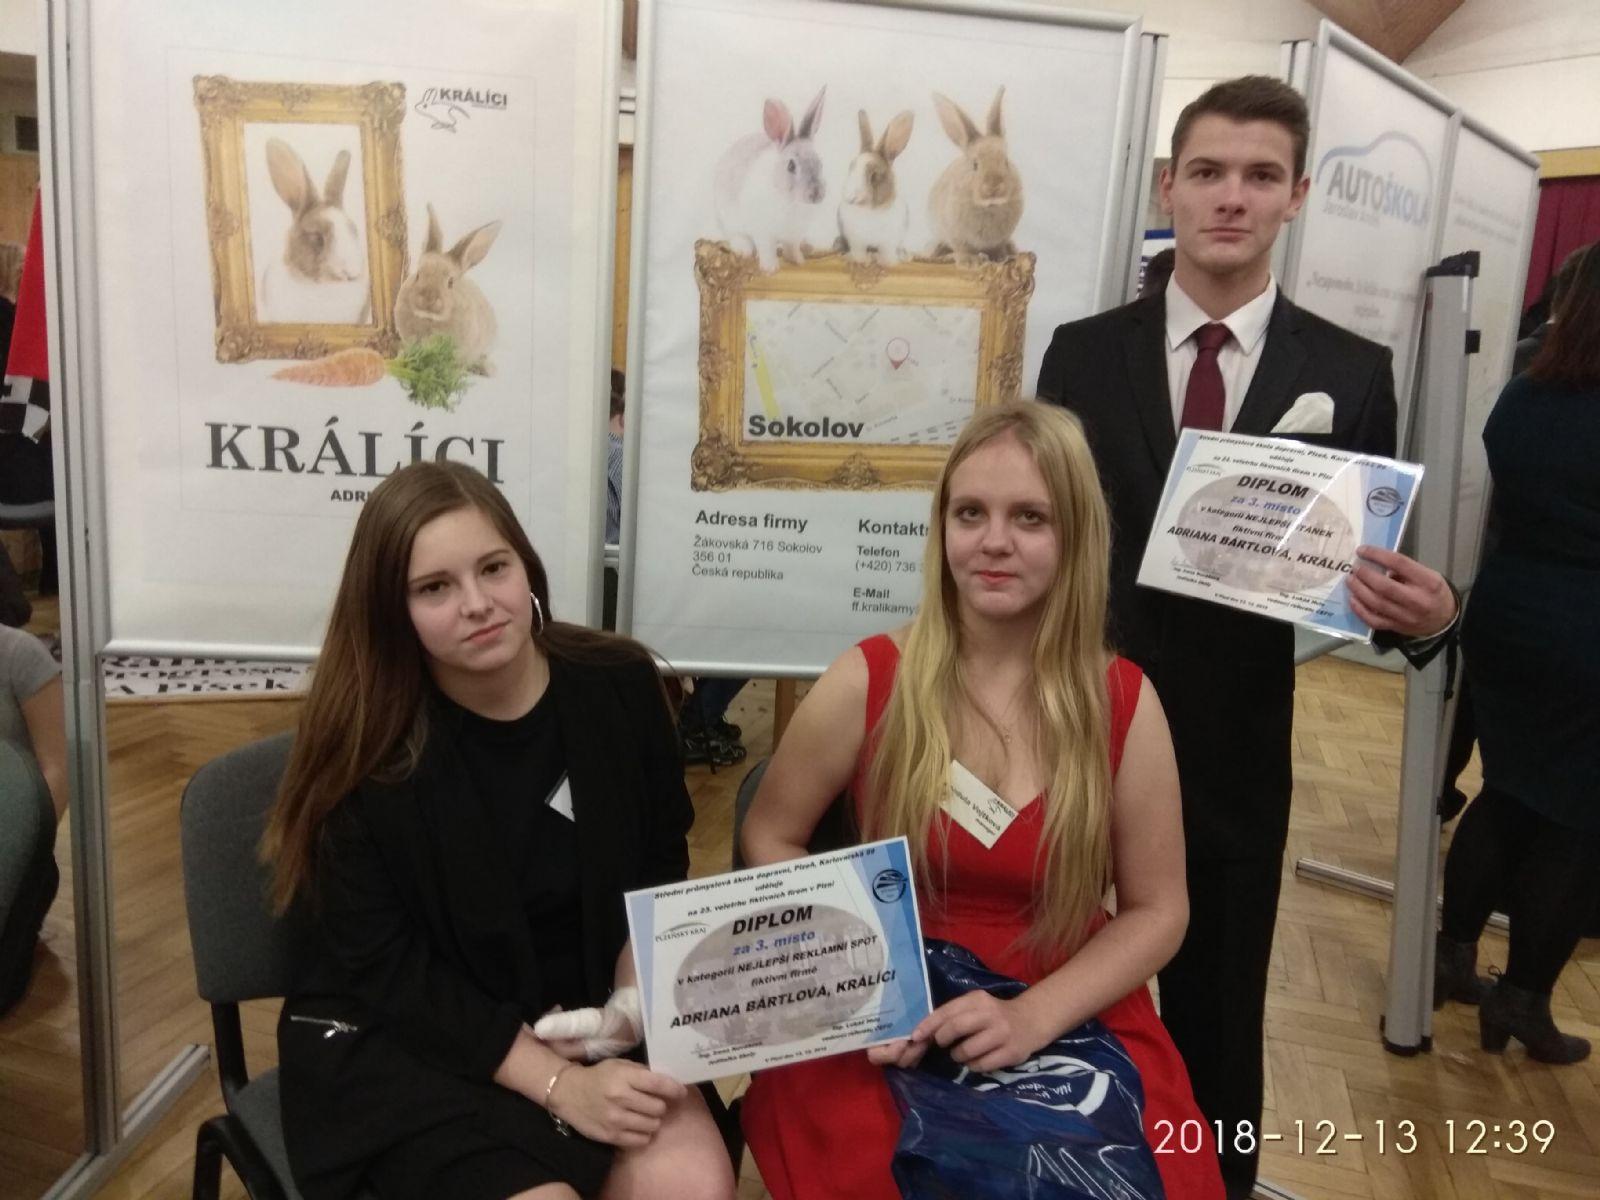 Mladí podnikatelé uspěli na veletrhu fiktivních firem v Plzni  f4b6da0653